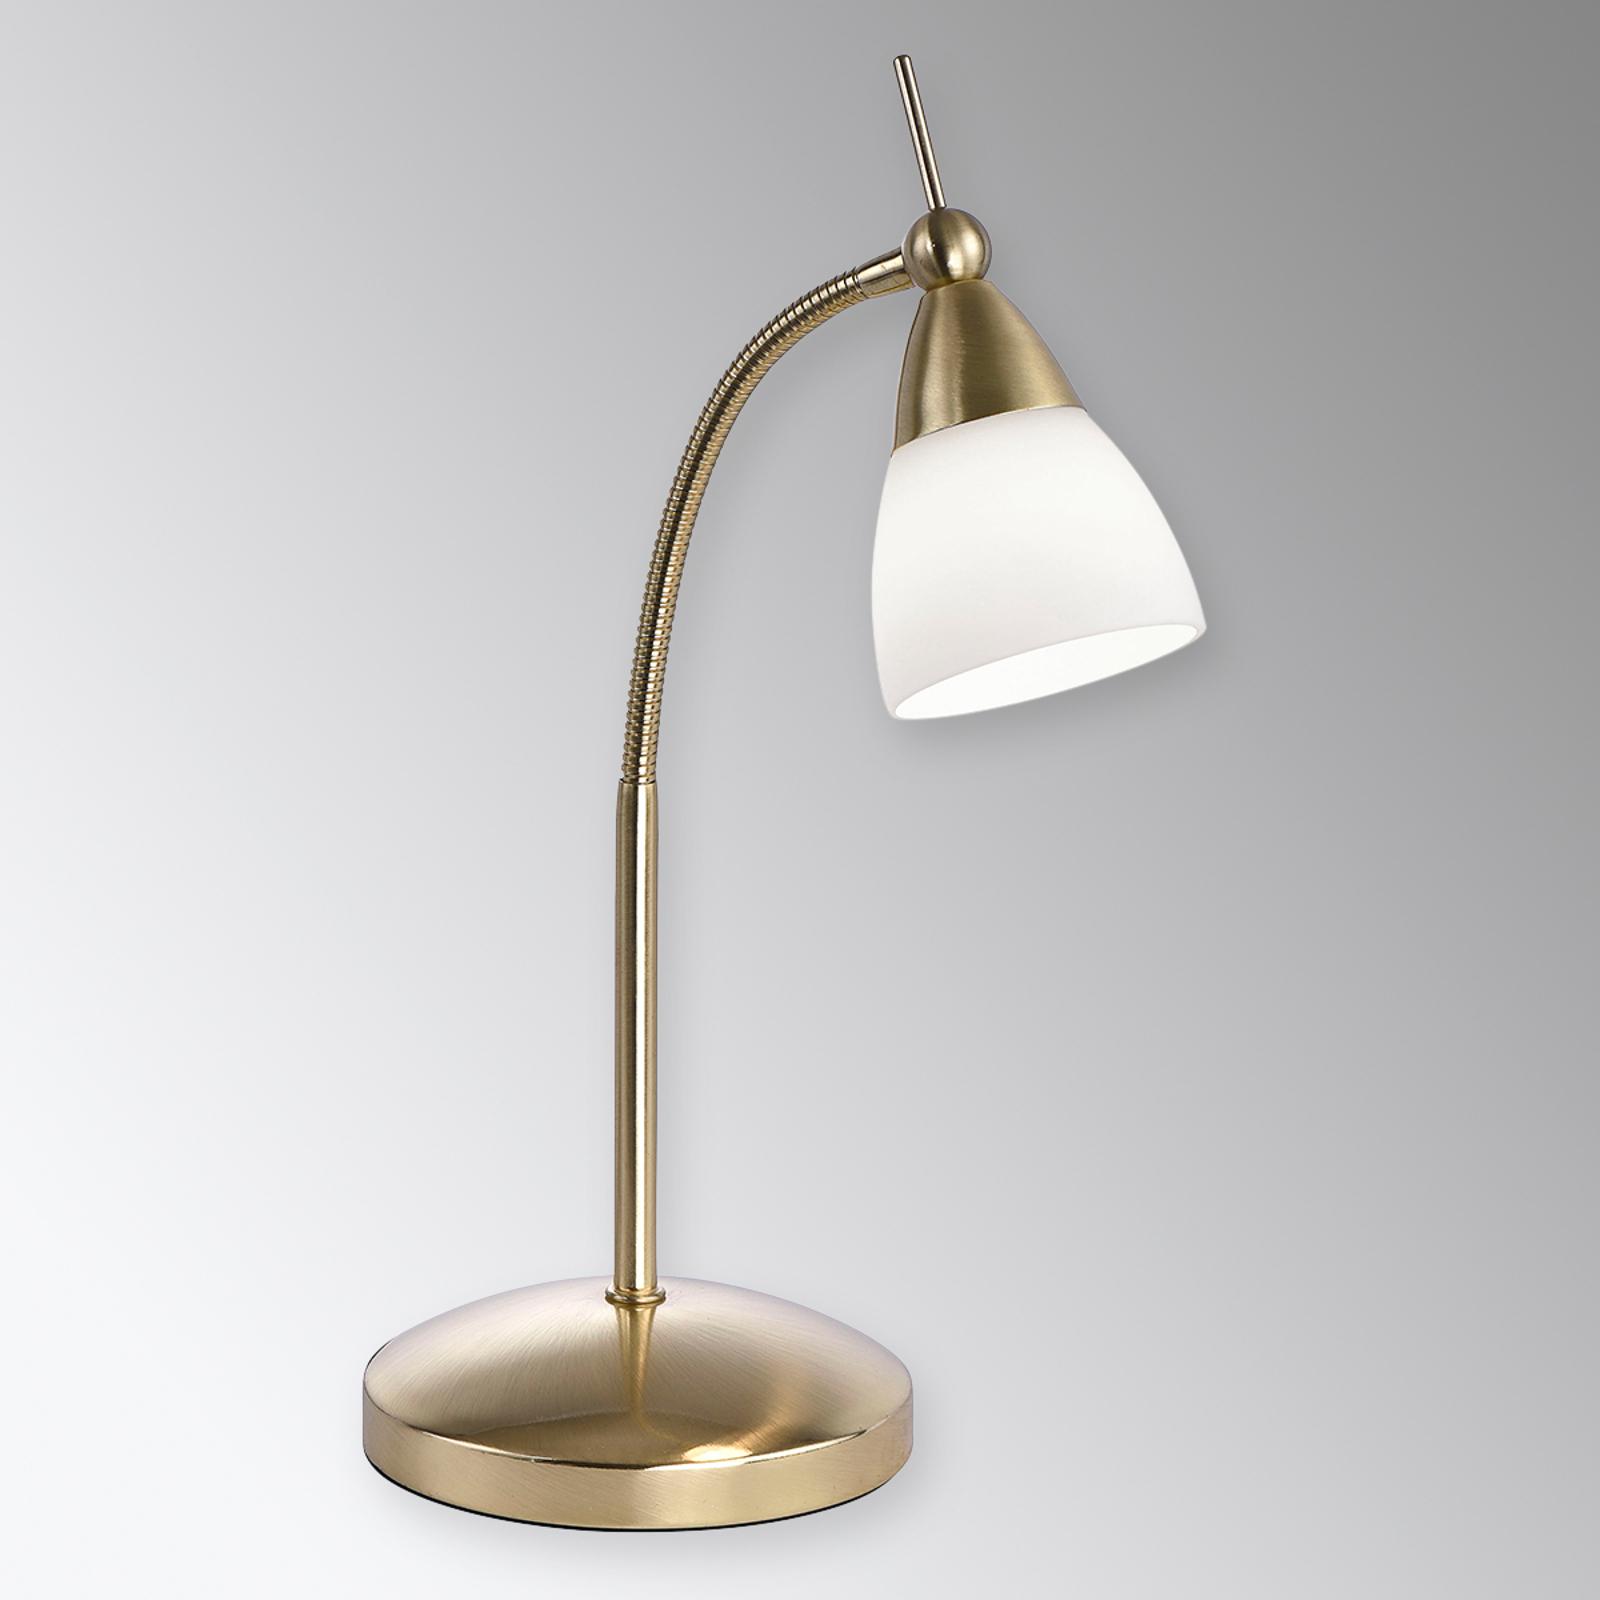 Messingkleurige LED tafellamp Pino met dimmer